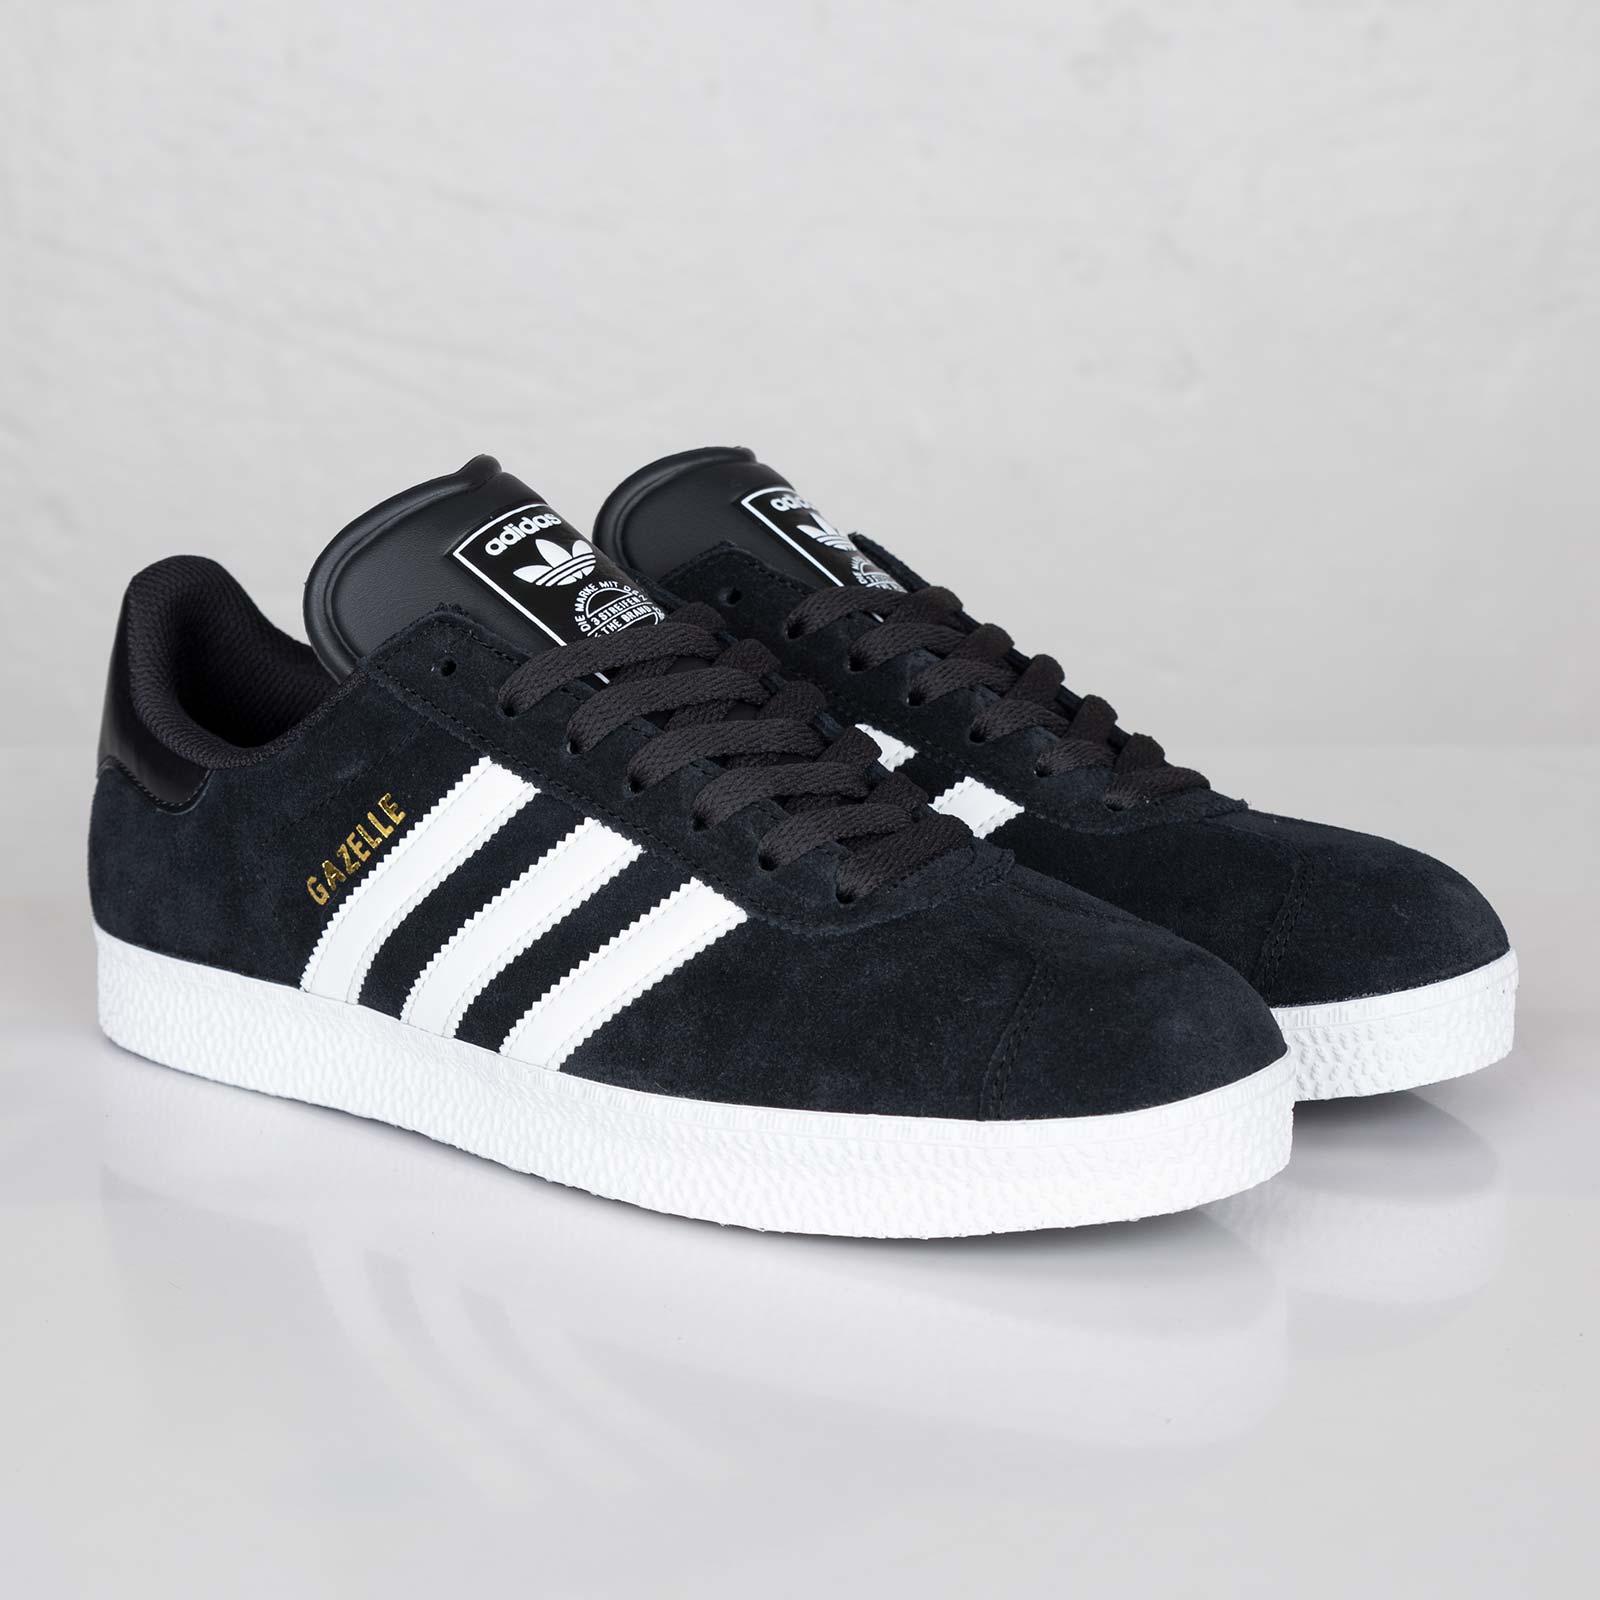 adidas Gazelle II - G96682 - SNS | sneakers & streetwear online ...